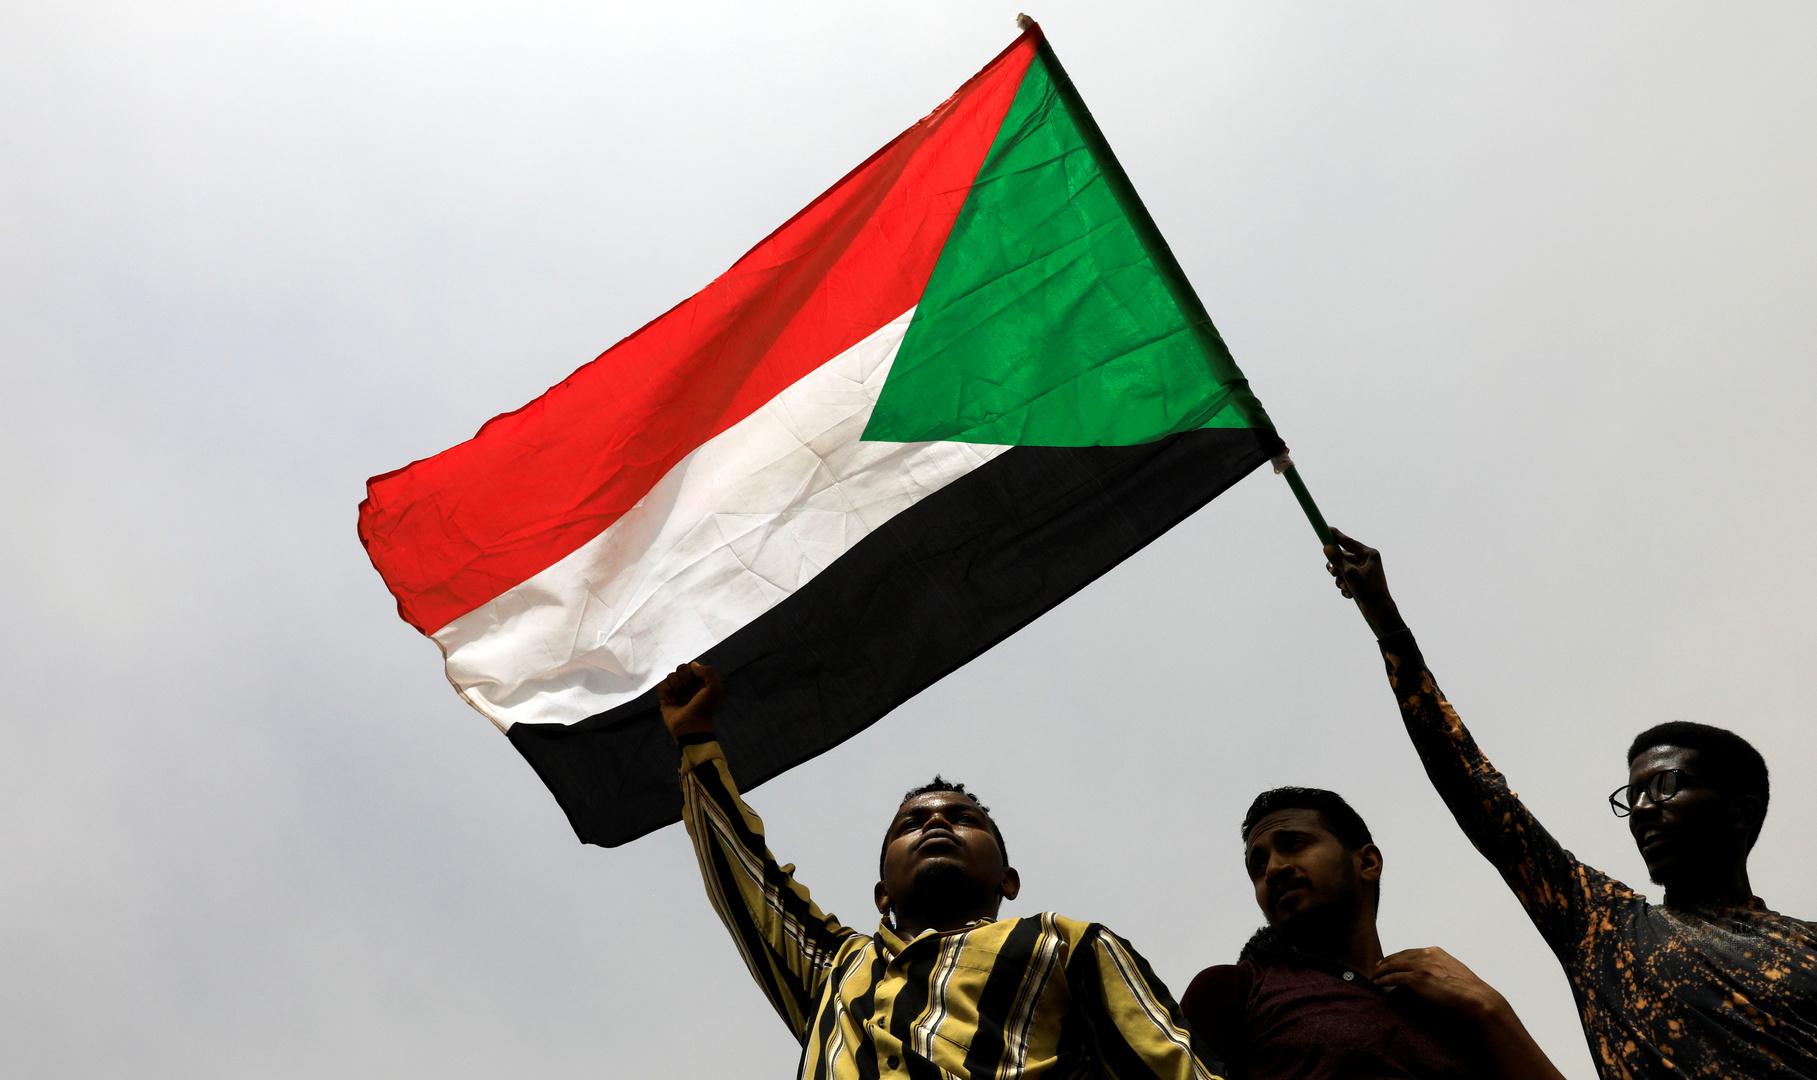 مواطنون يرفعون علم السودان